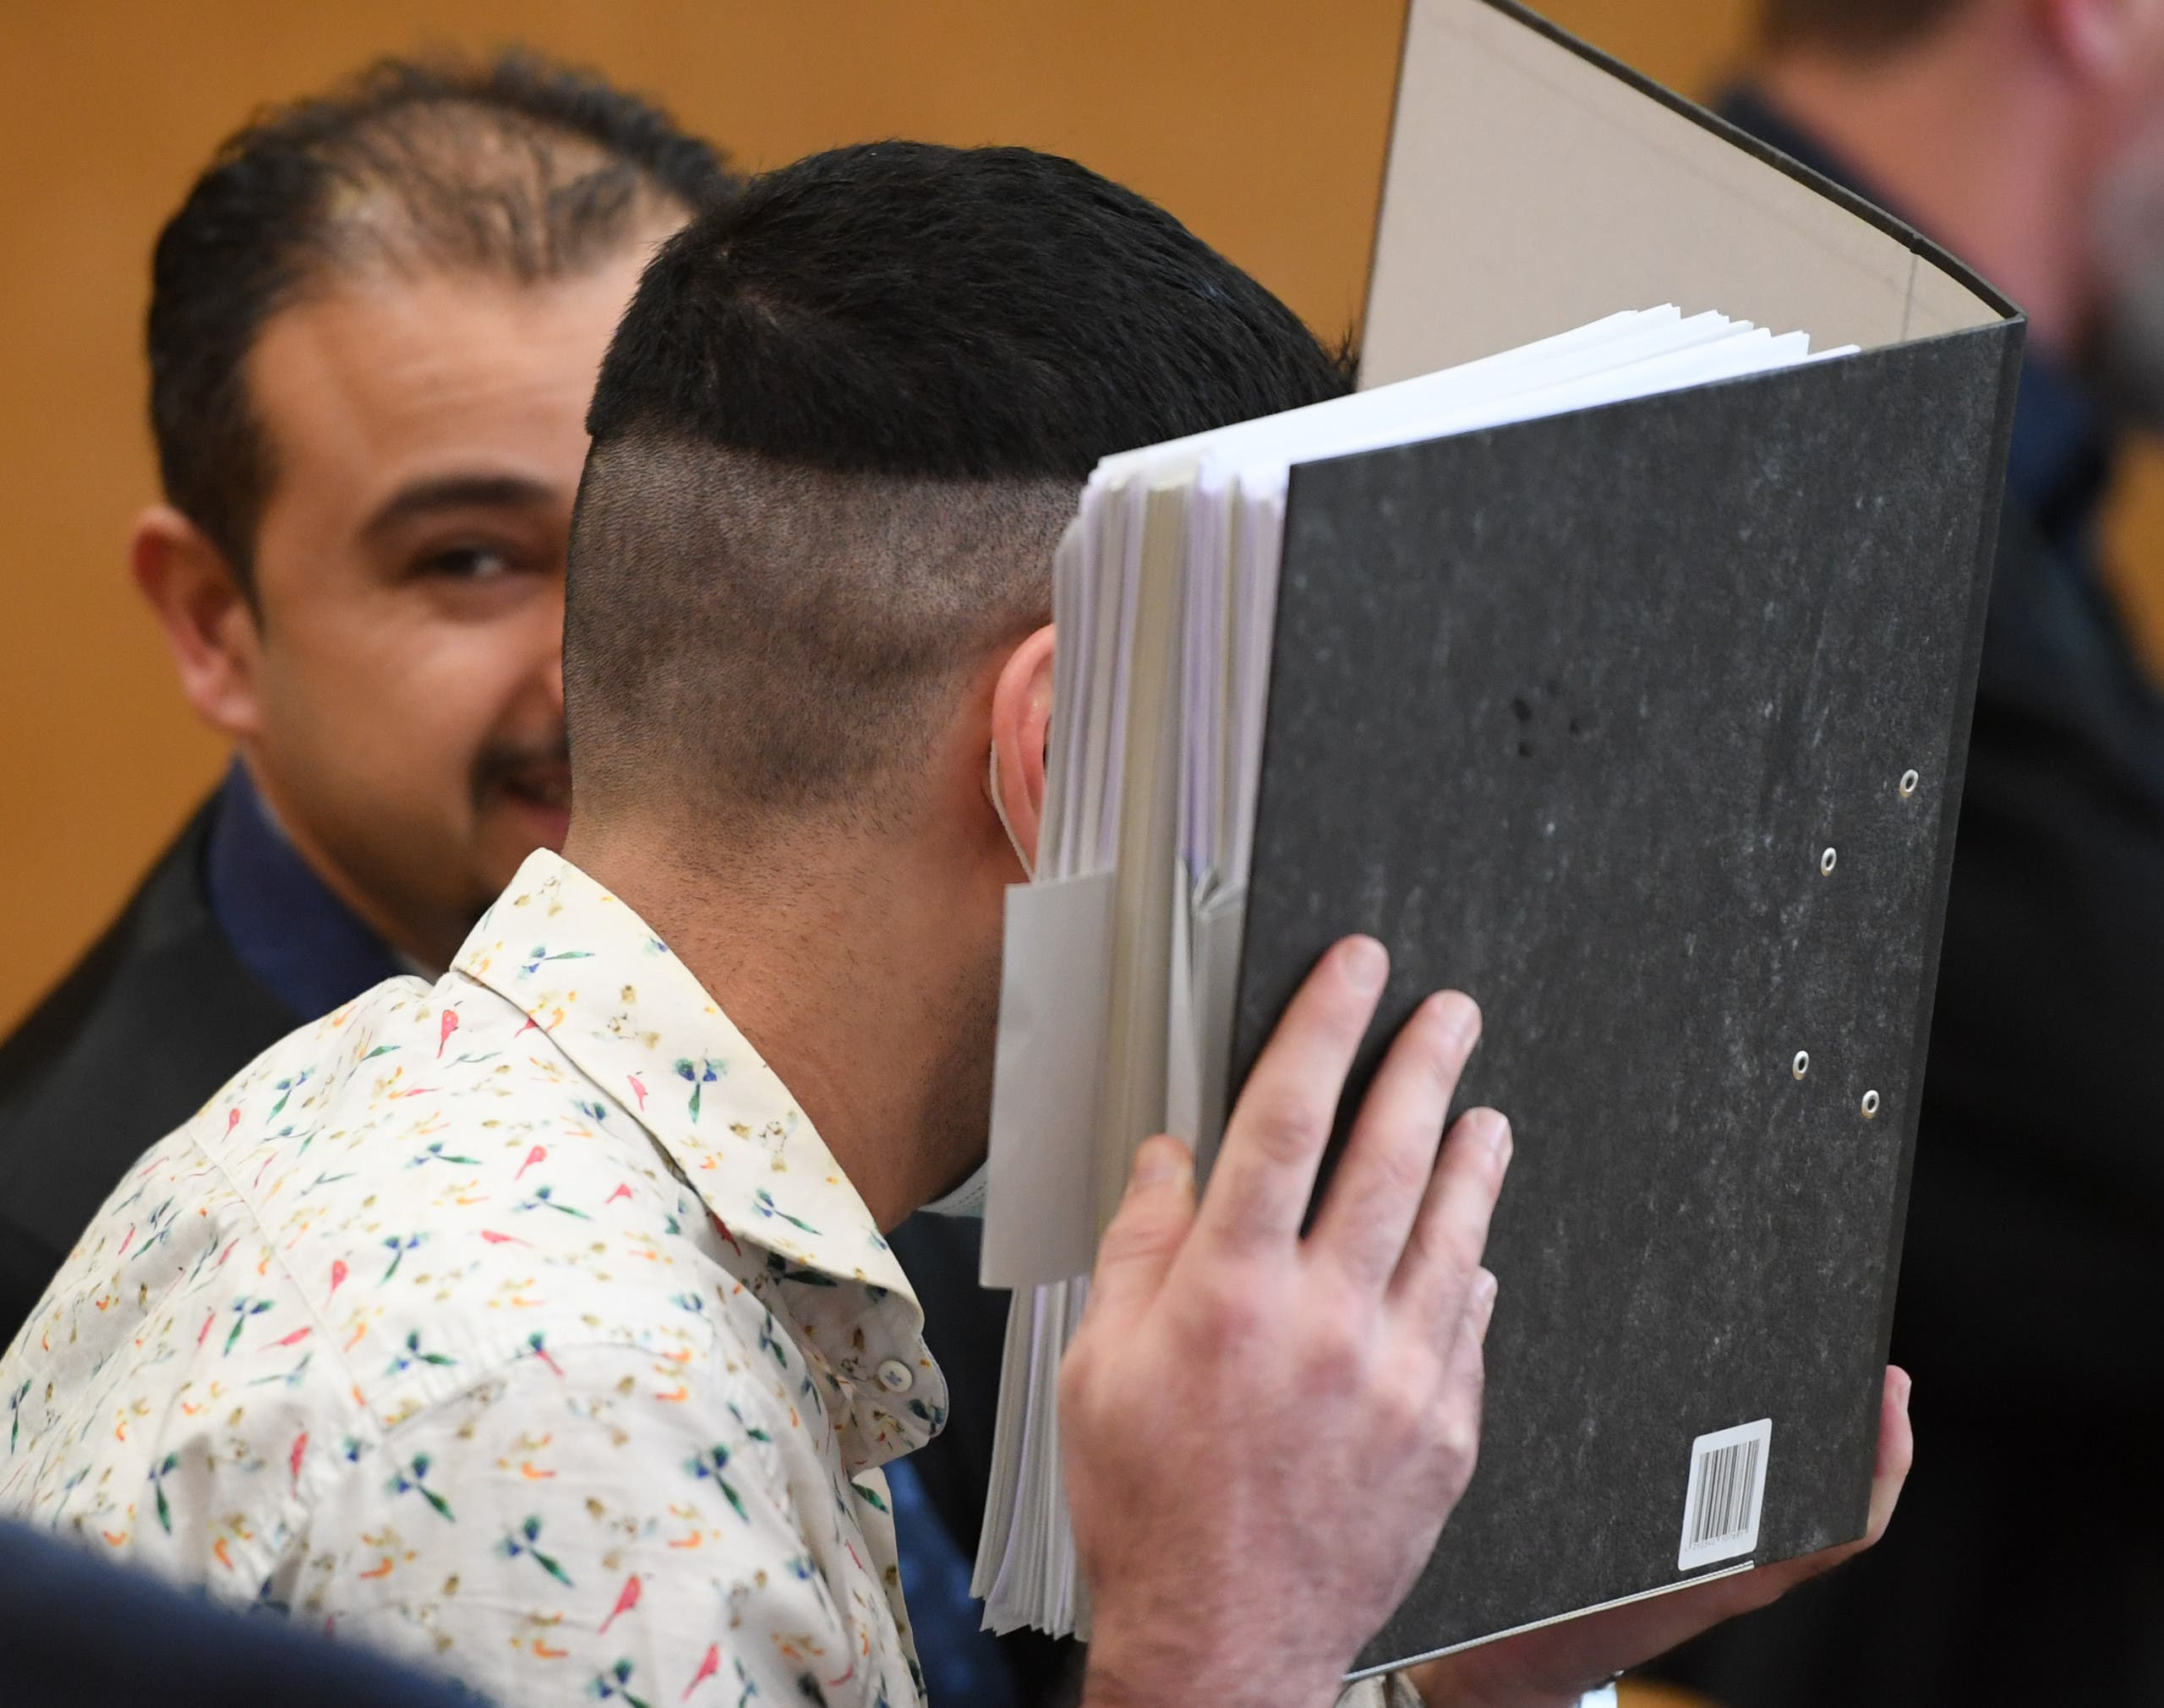 طه الجميلي أثناء المحاكمة في فرانكفورت(فرانس برس)